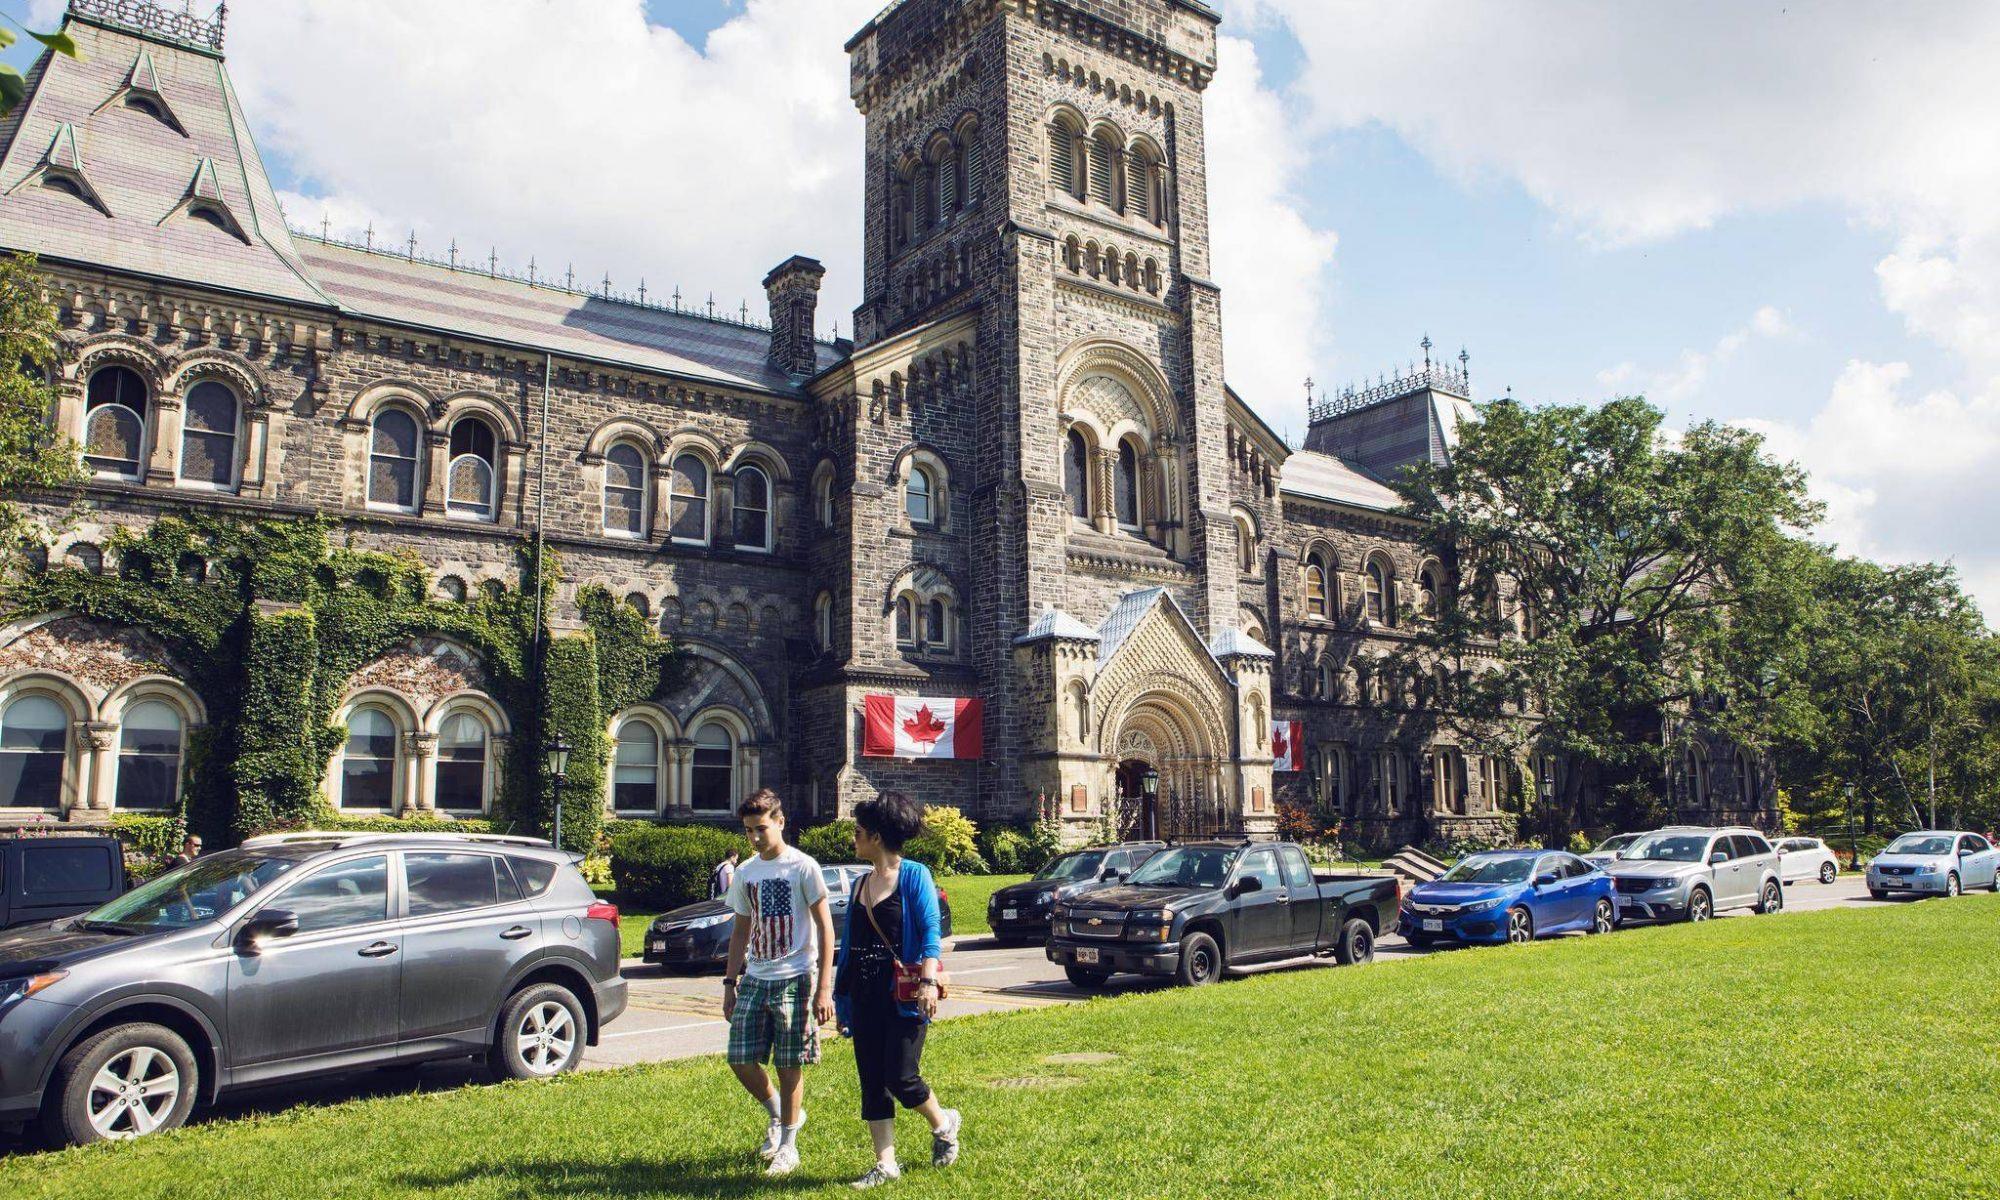 Aprendizaje en un campus de universidad en Canadá